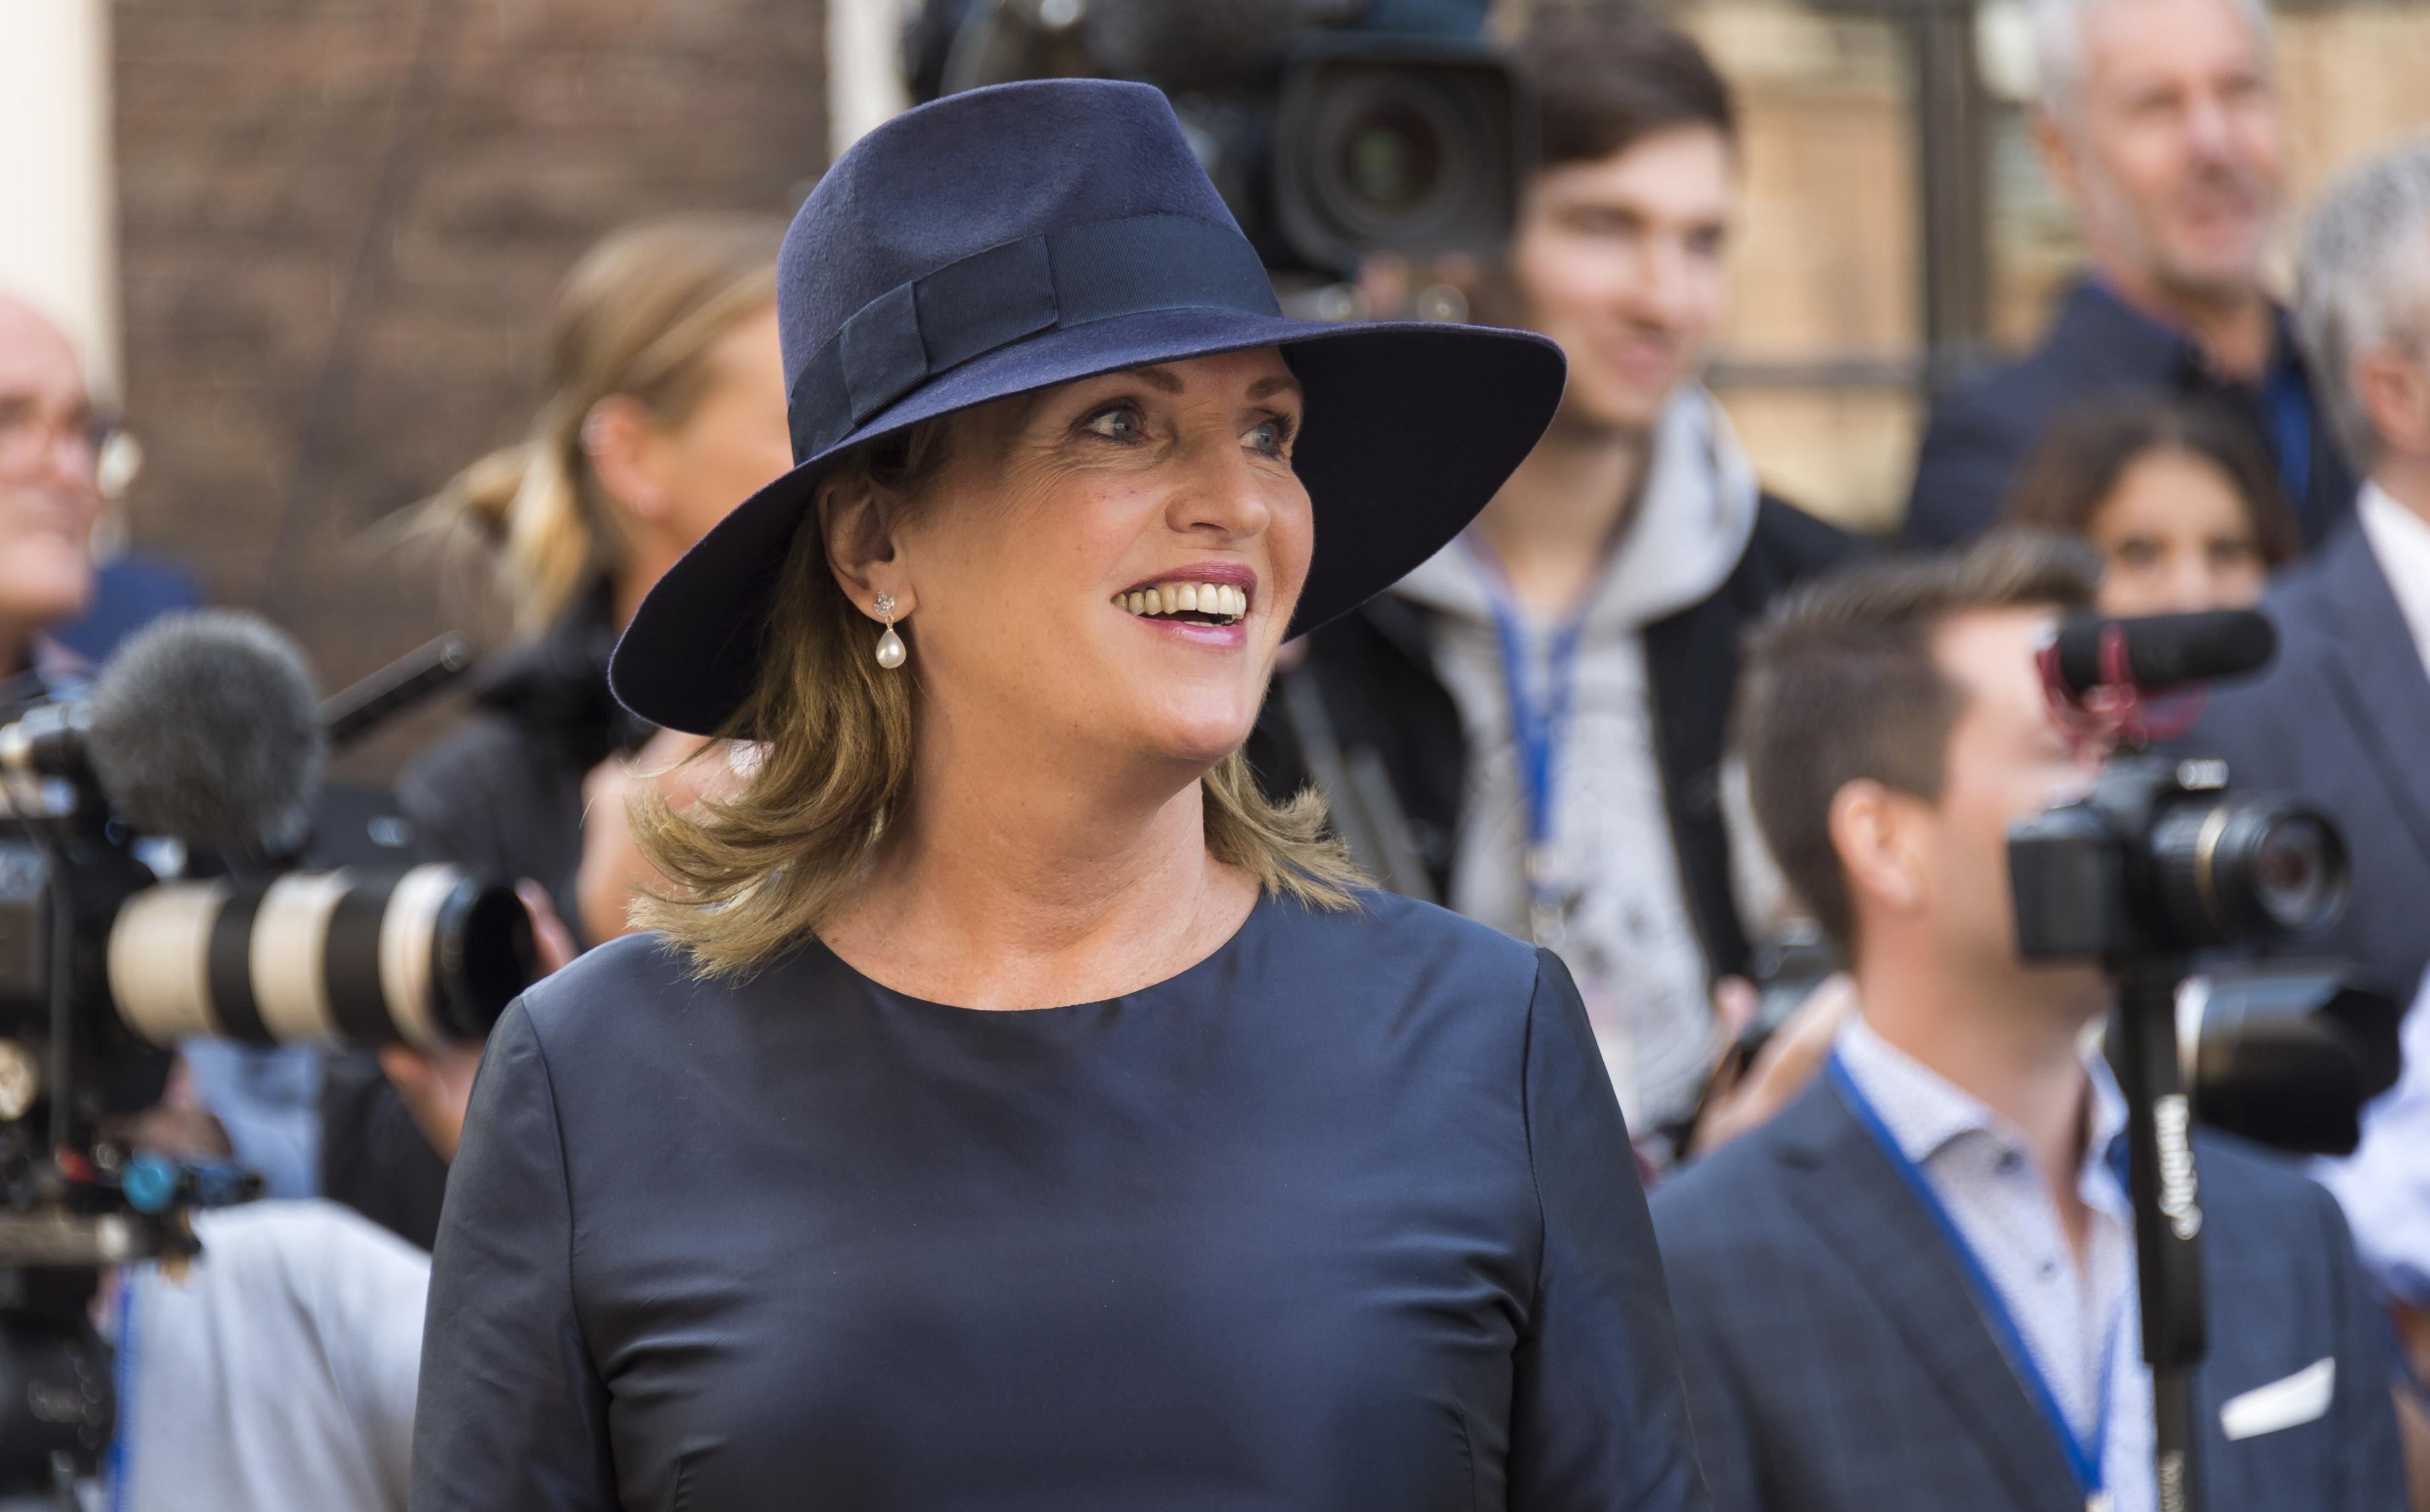 D66 Tweede Kamerlid Pia Dijkstra bij de Ridderzaal op Prinsjesdag. ANP